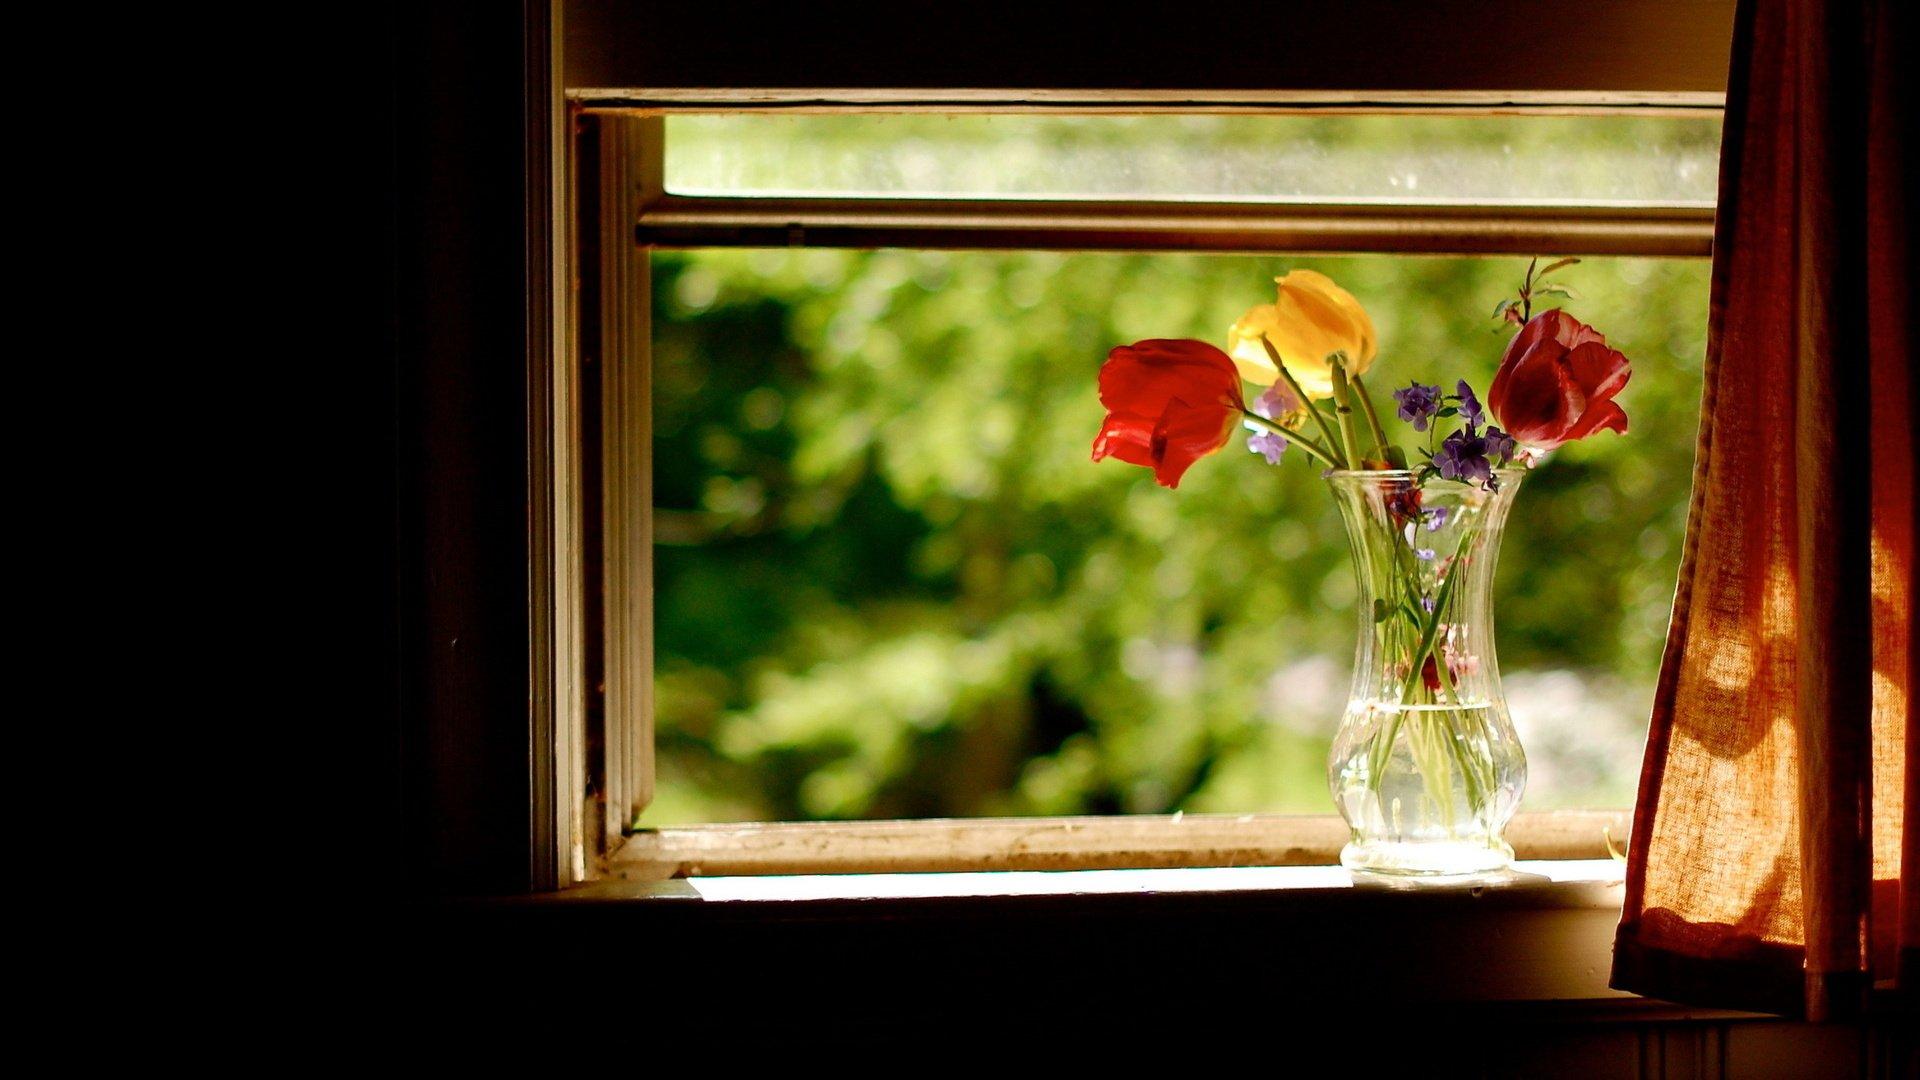 Картинки окно с цветами высокого разрешения